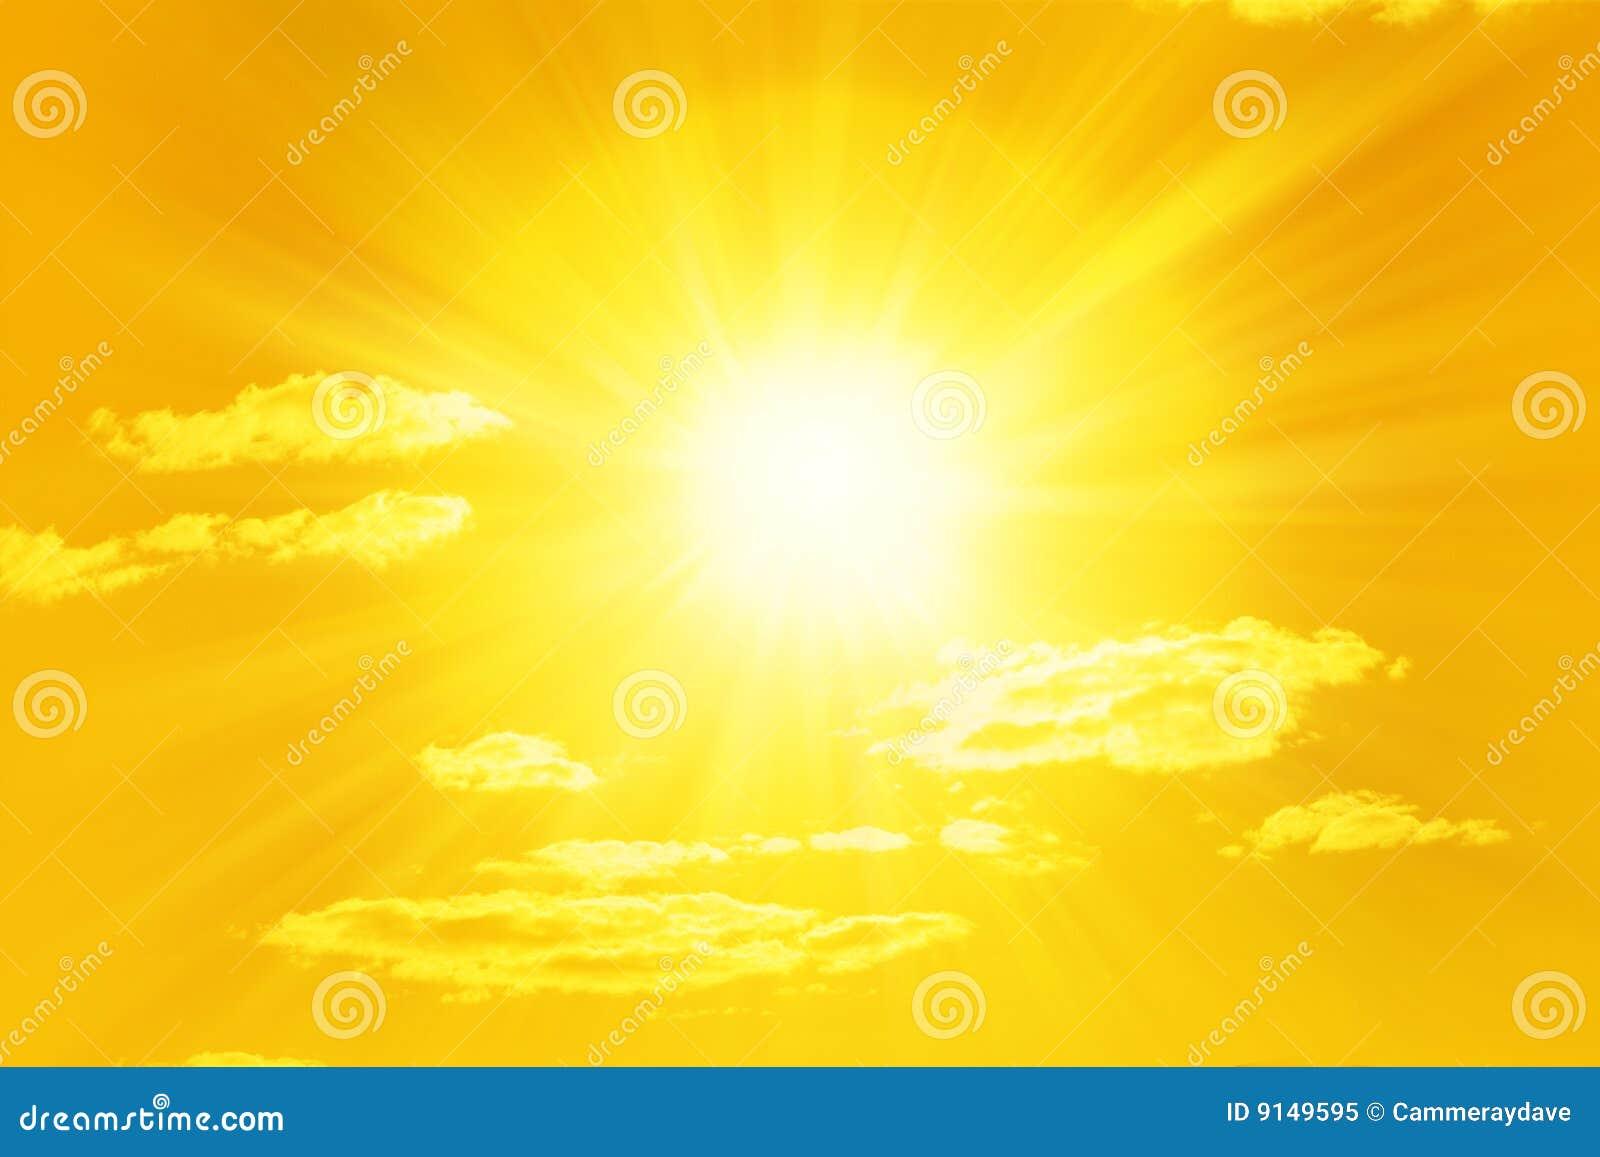 Glanzende Gele Zon